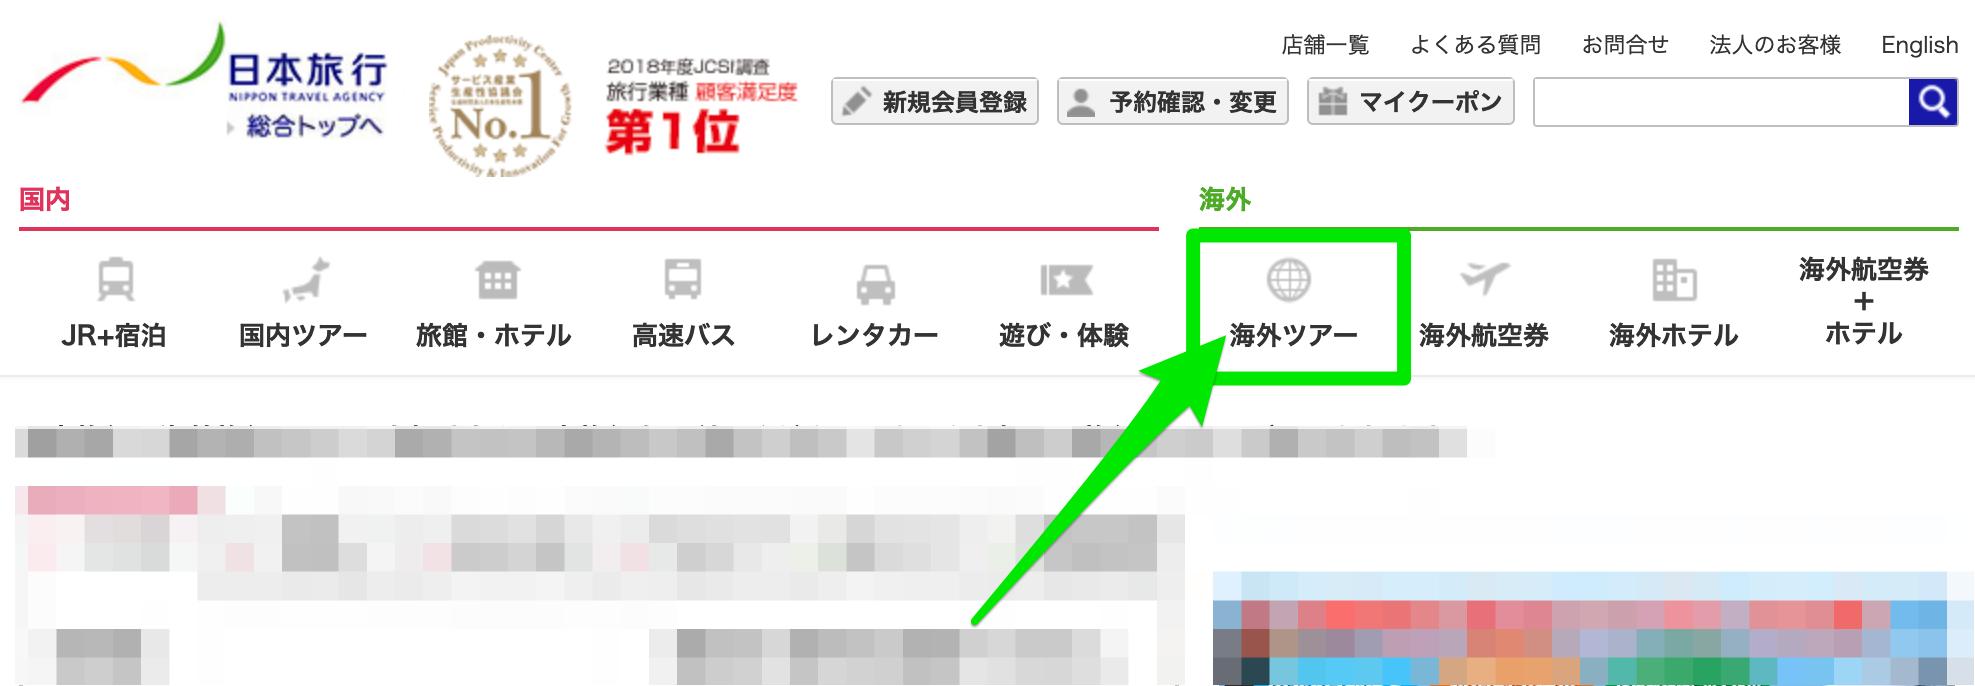 日本旅行で海外ツアー予約をする方法